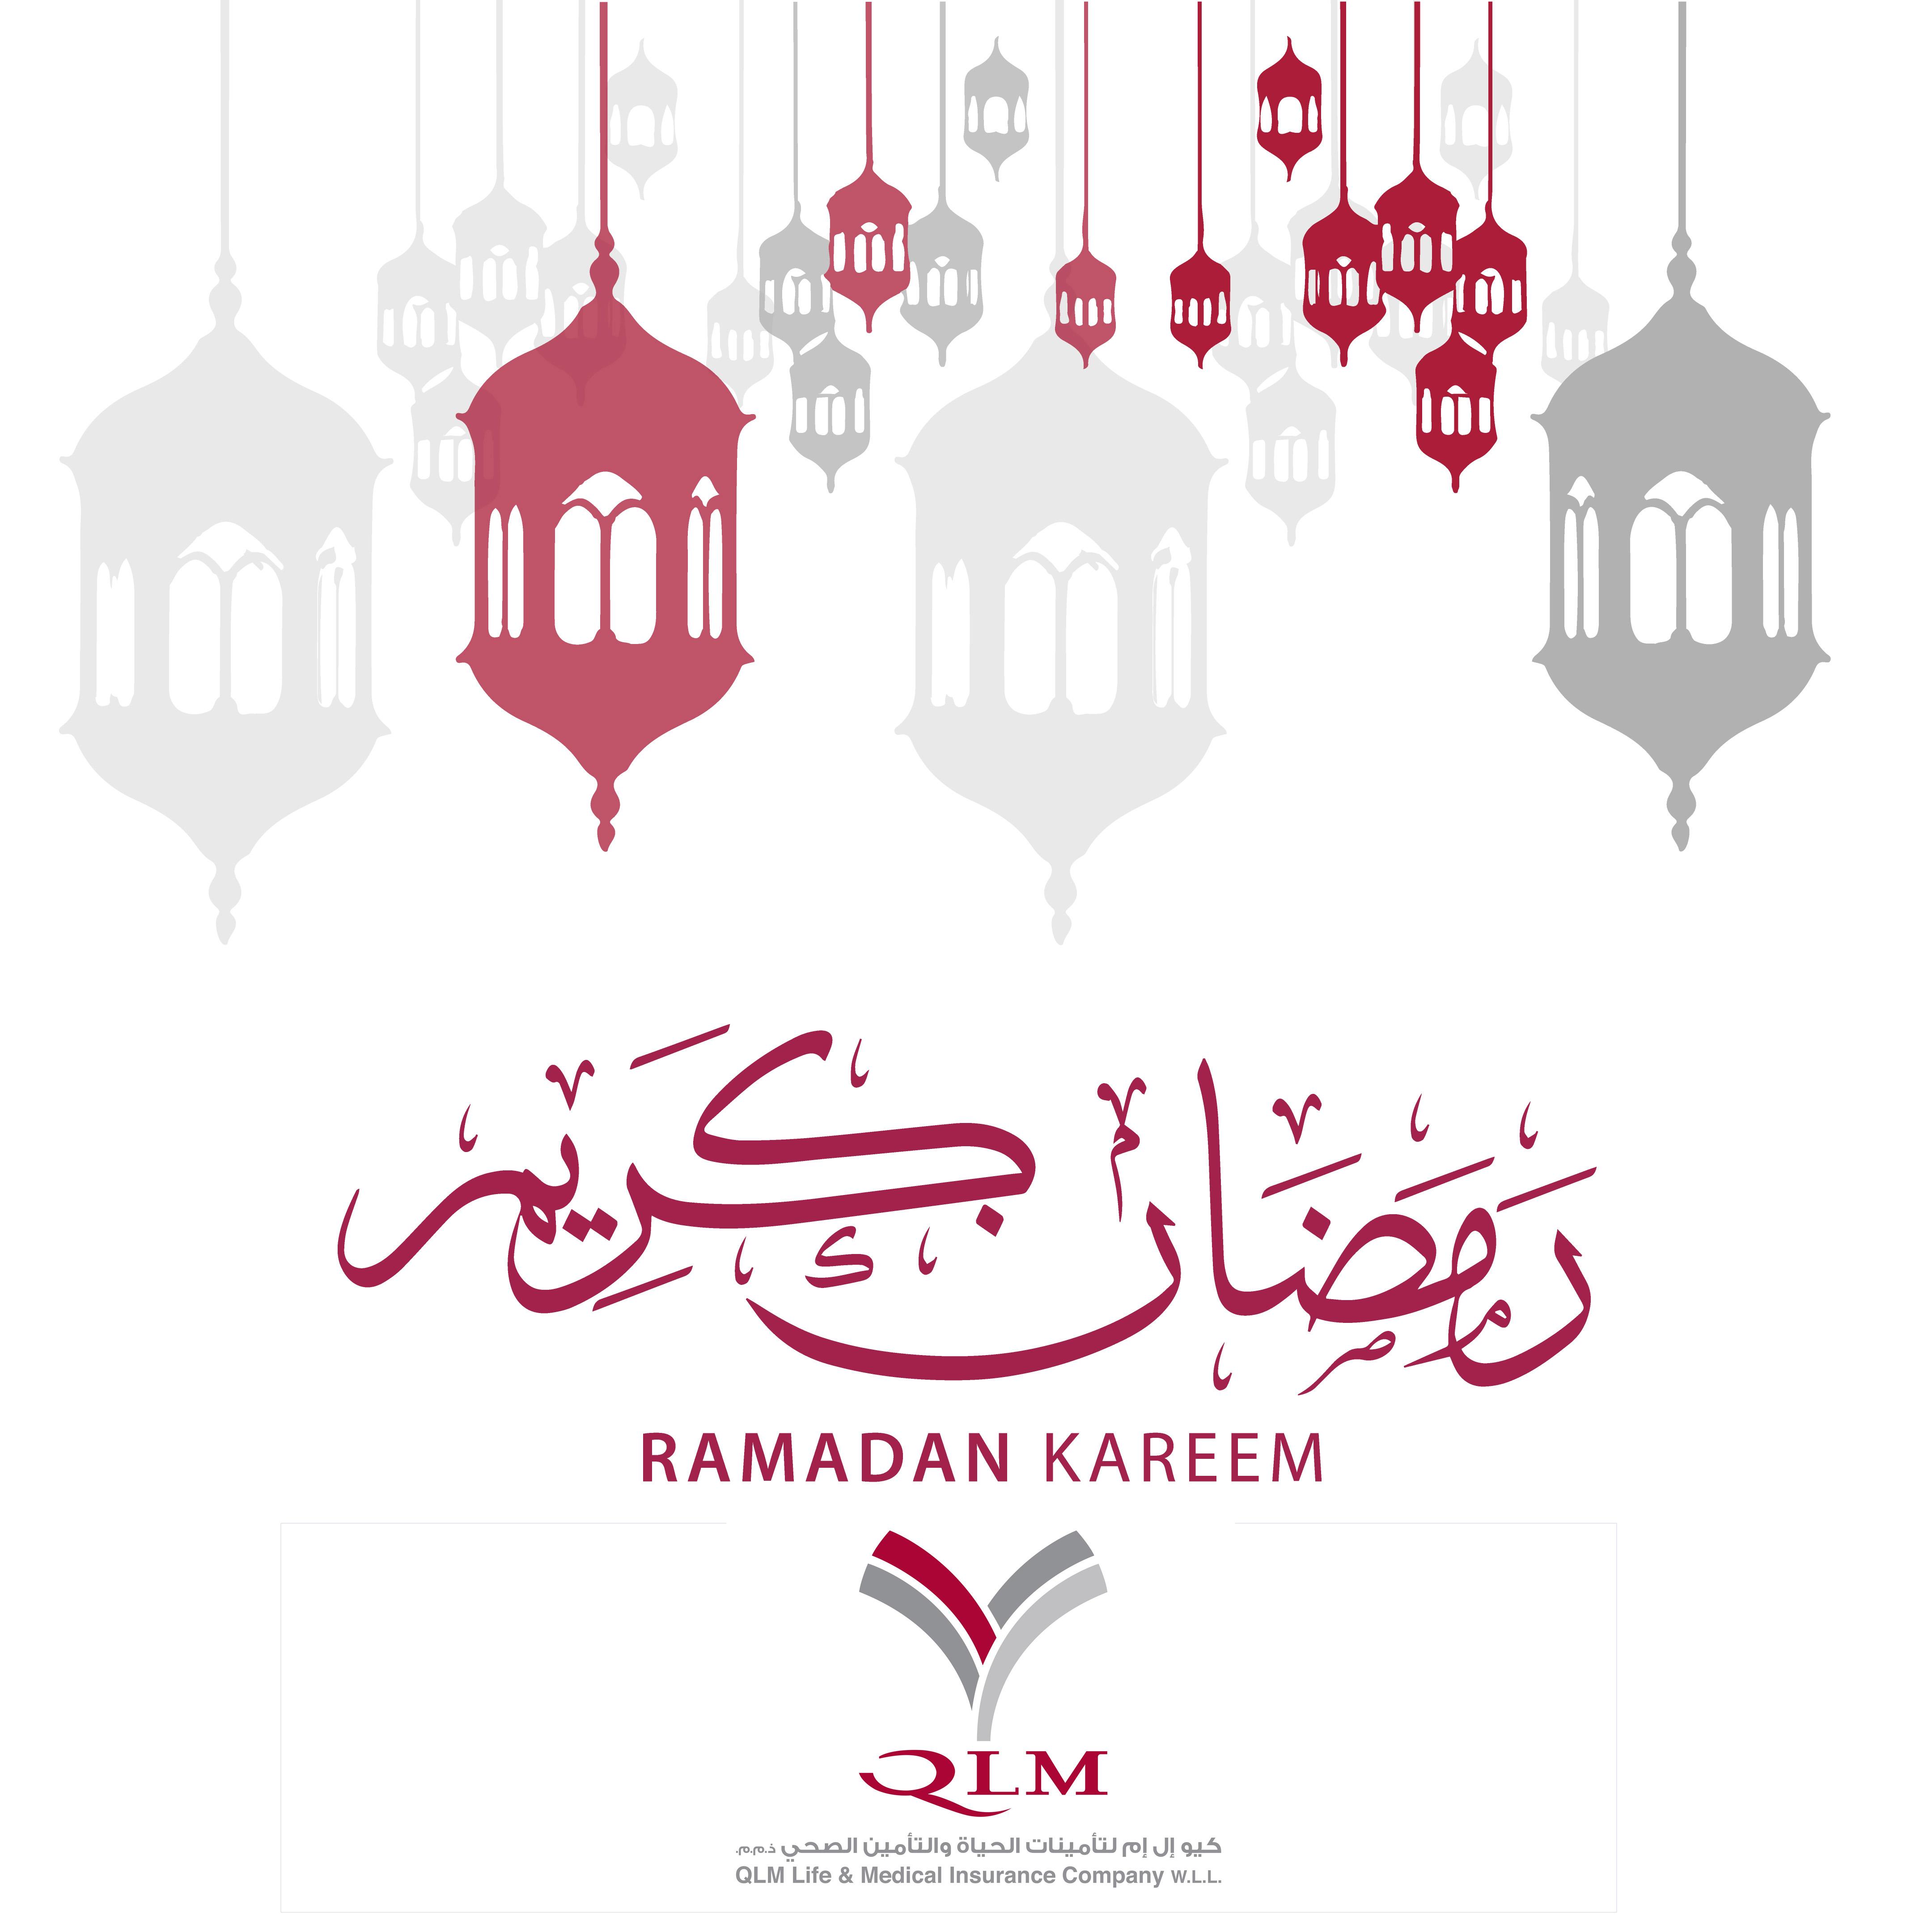 QIC-Ramadan-QLM-2018